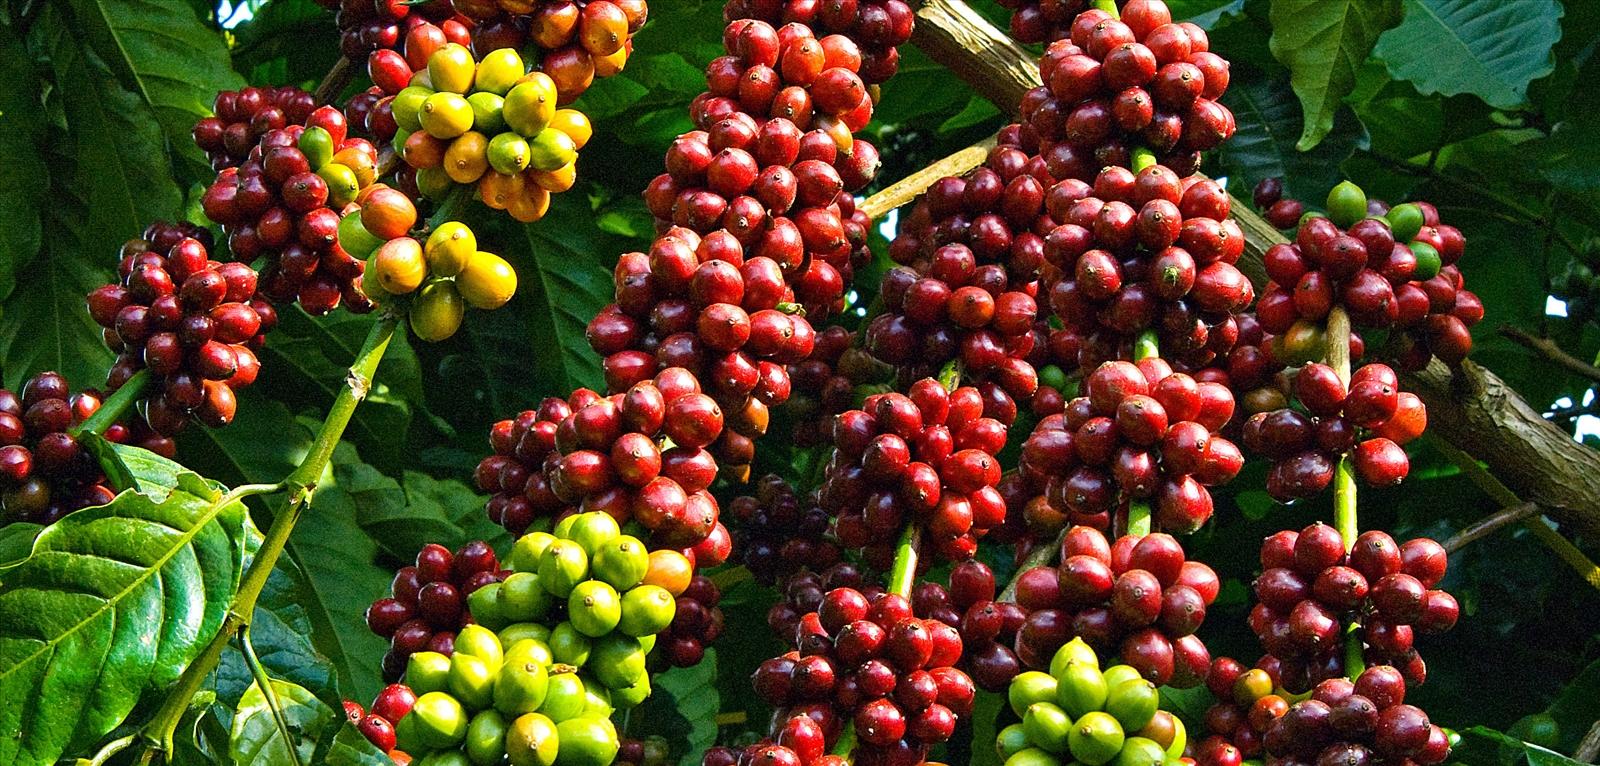 Hạt cà phê tươi, đã chín và chuyển sang màu đỏ thẫm